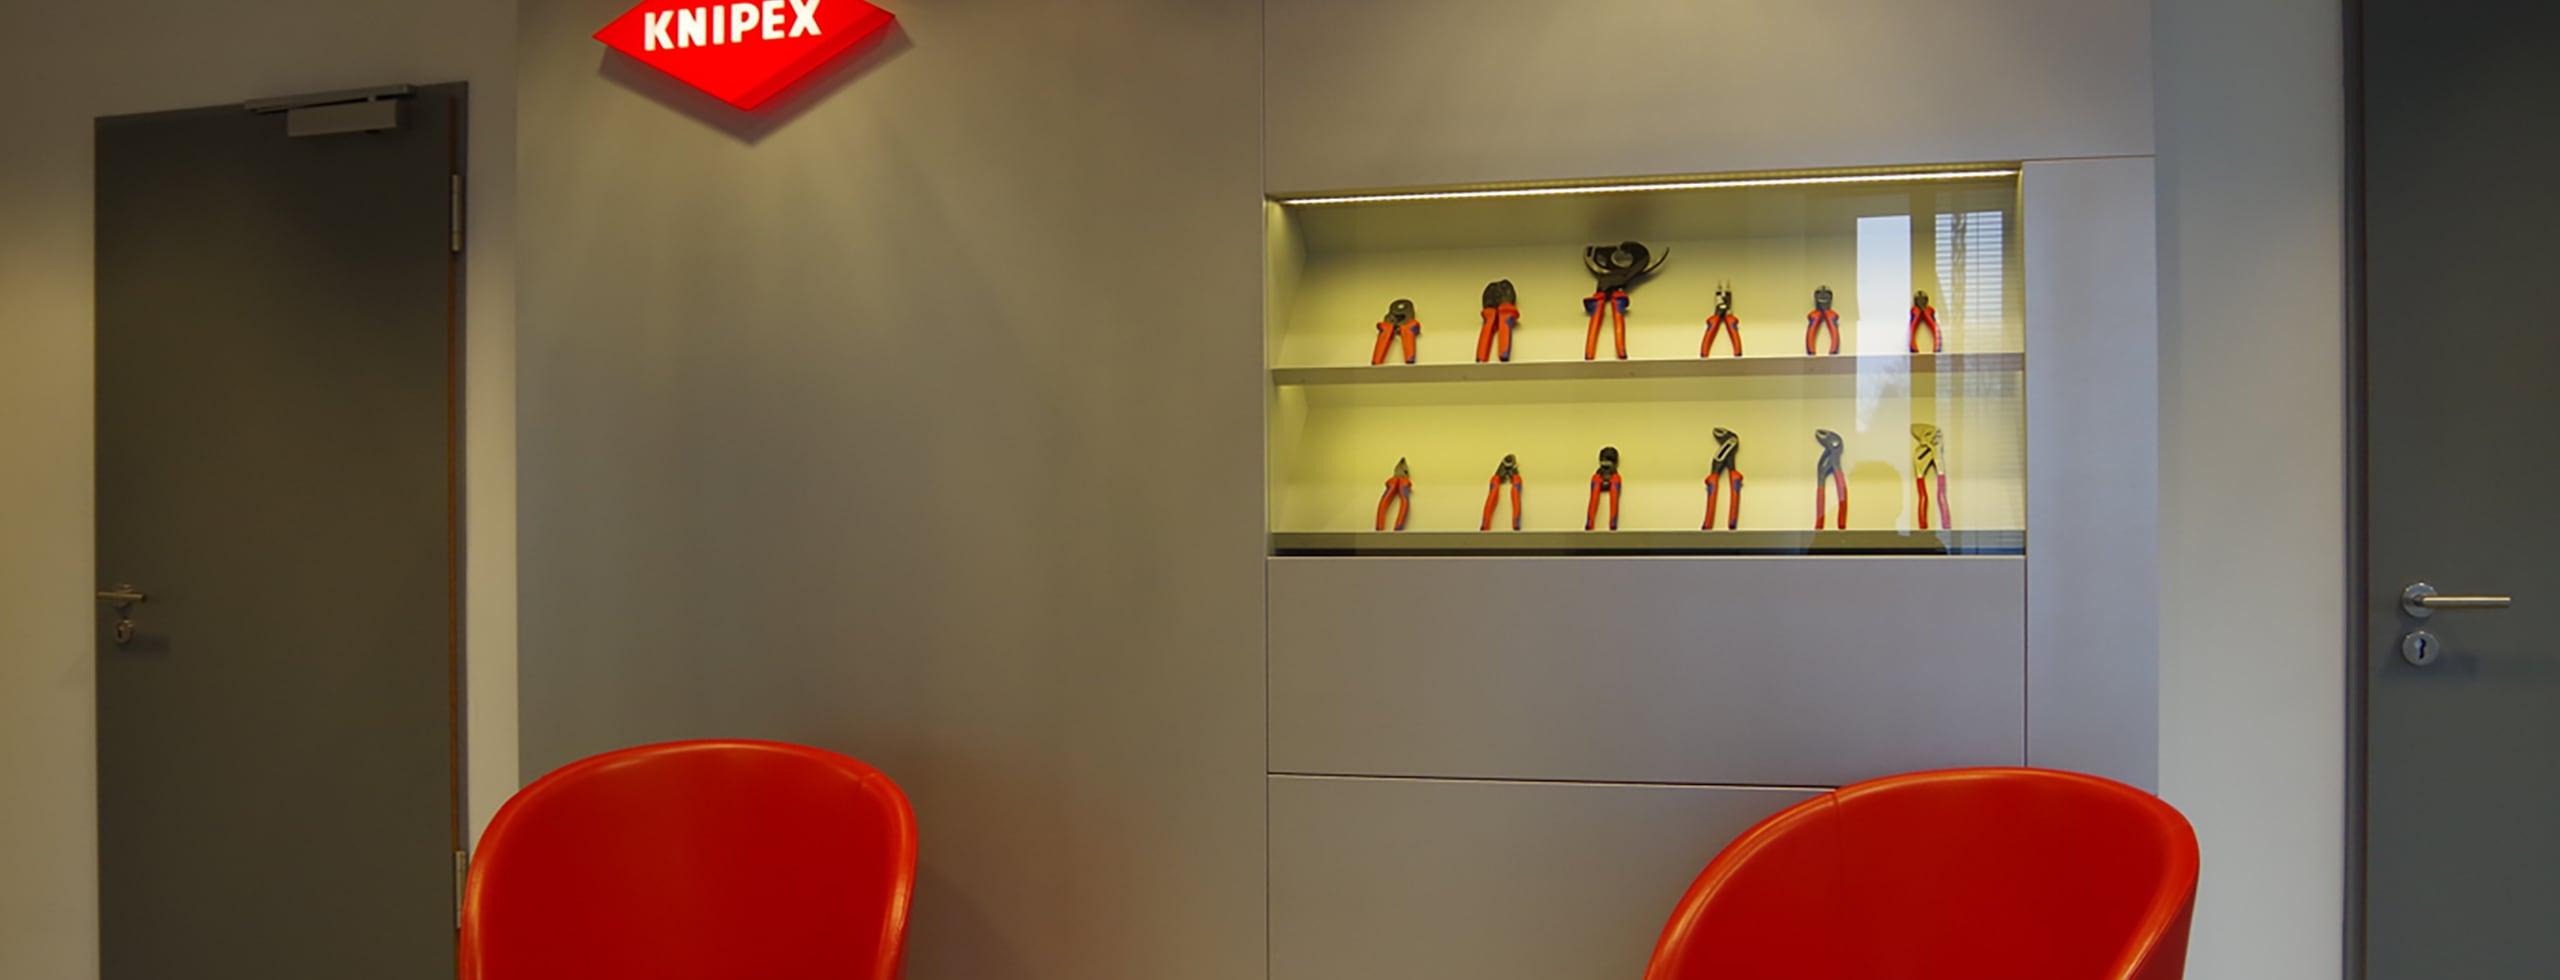 Knipex Wand bei der Tischlerei Pickelein